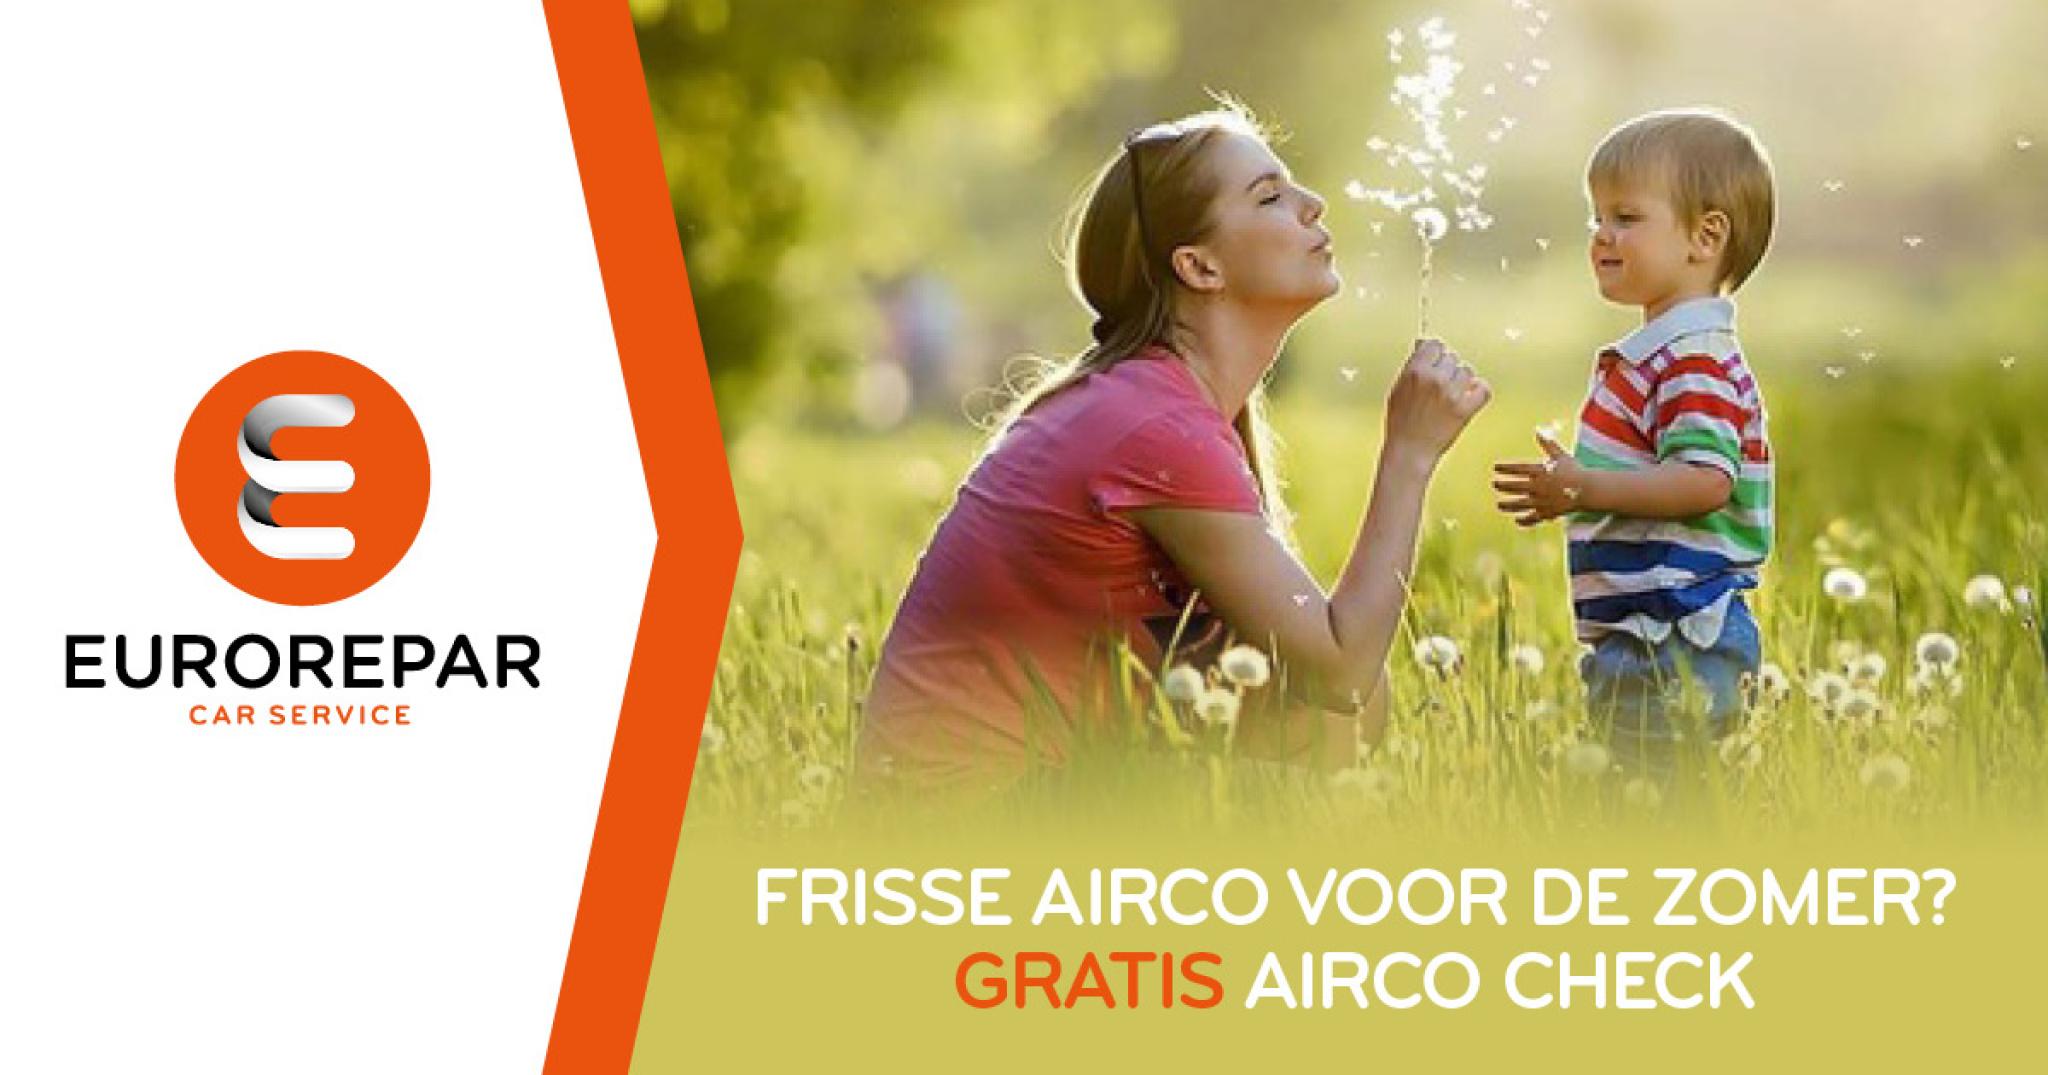 Frisse Airco voor de zomer ?-2021-04-20 09:25:11